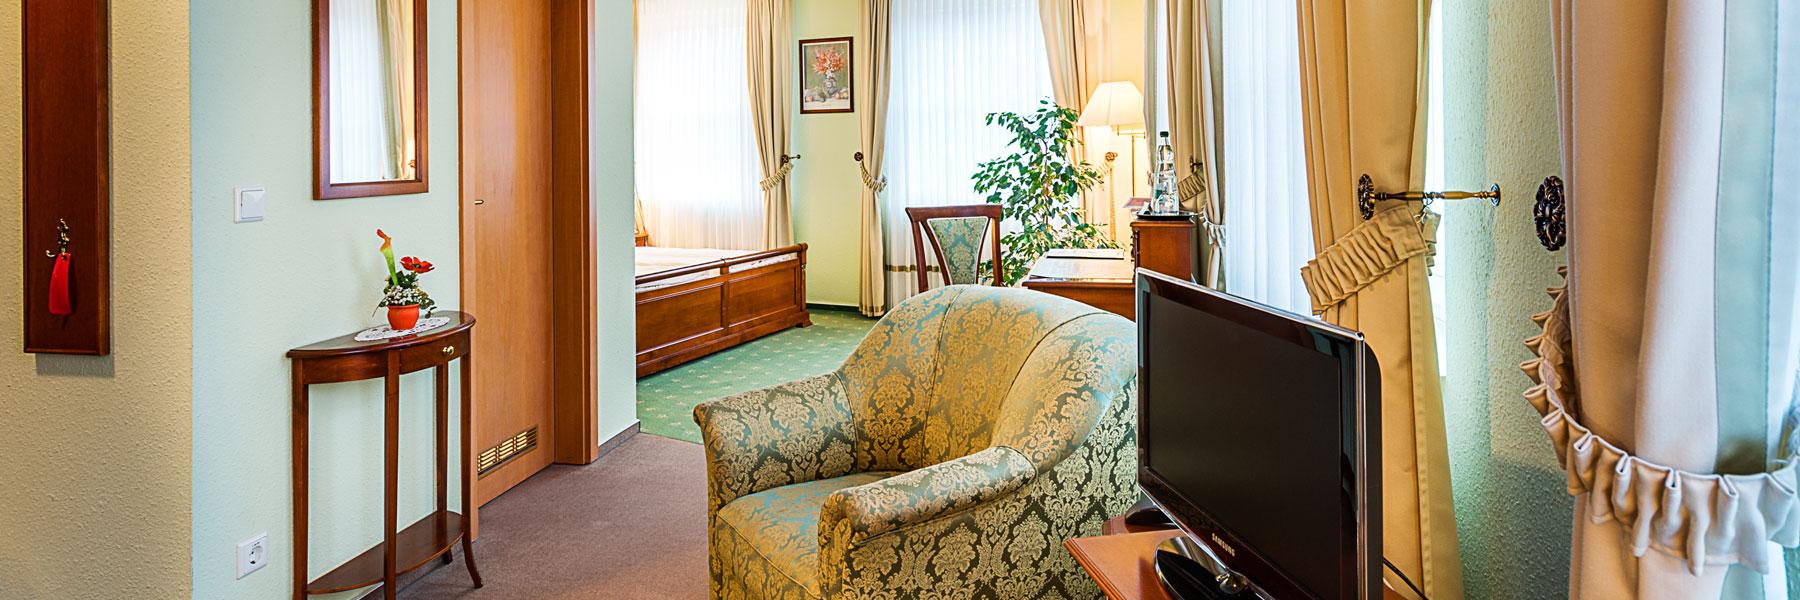 Komfort Doppelzimmer - Hotel Zur Burg